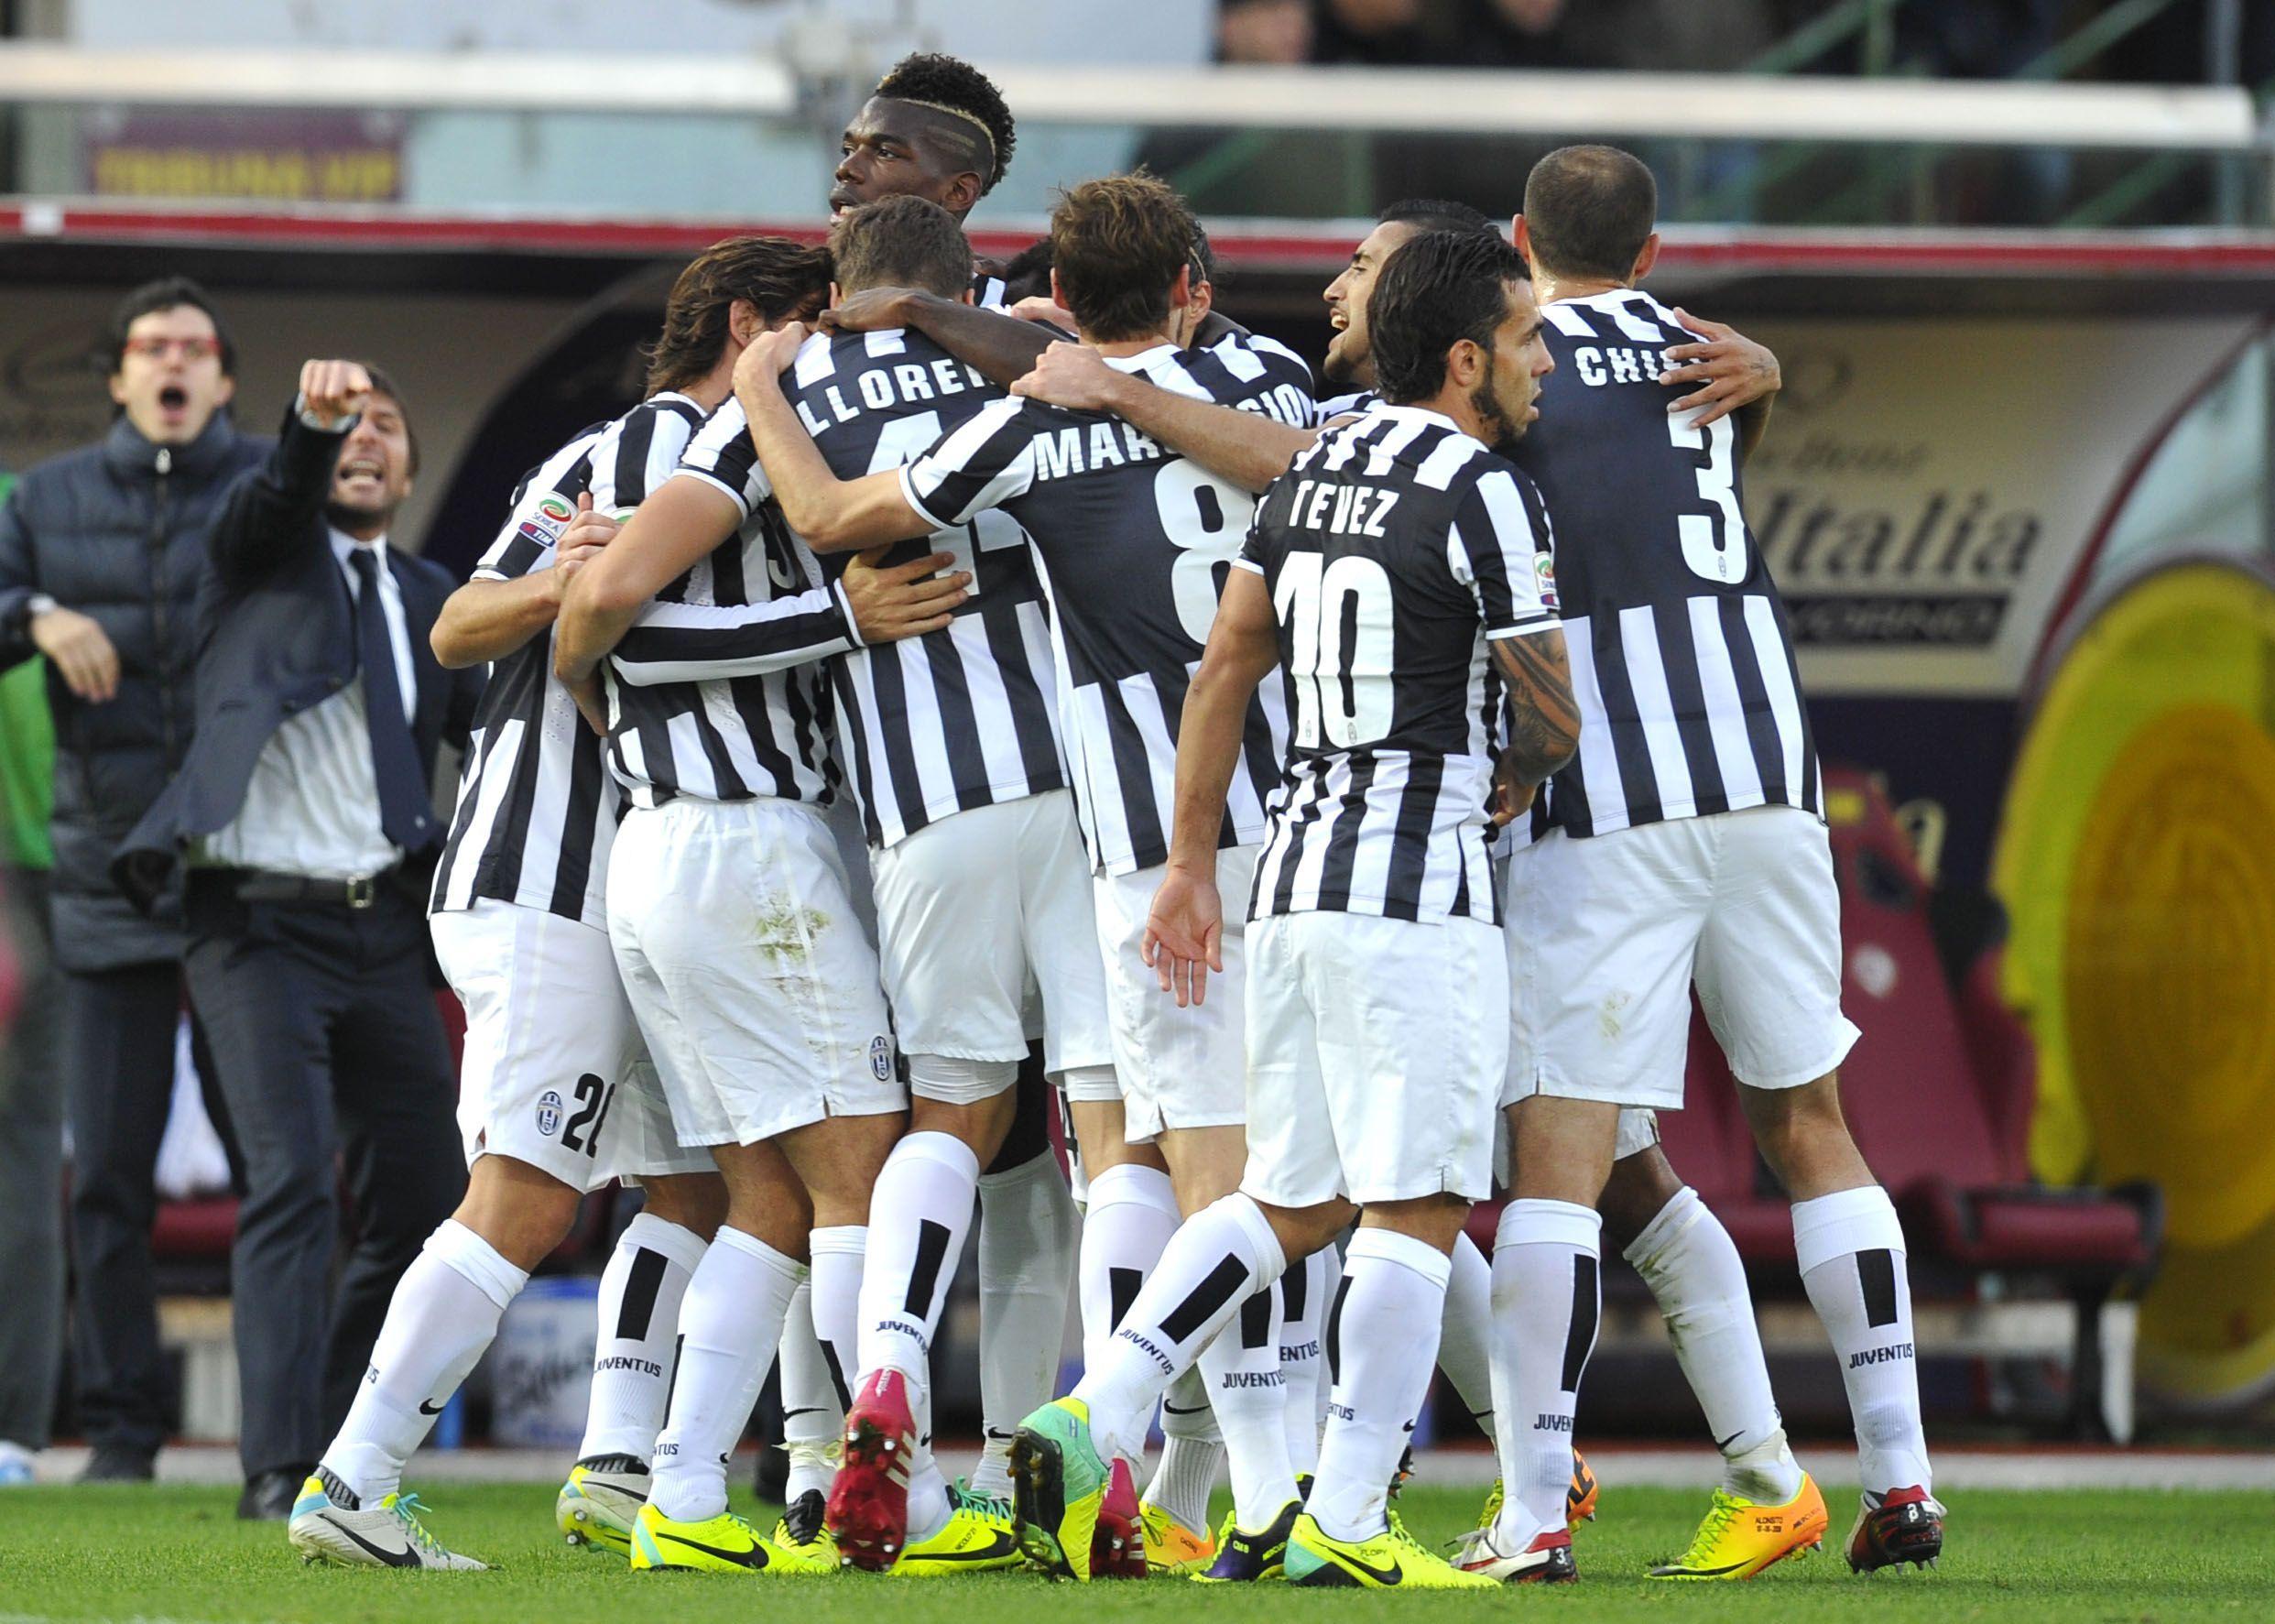 Probabili formazioni 8^ giornata di Serie A 2014-2015